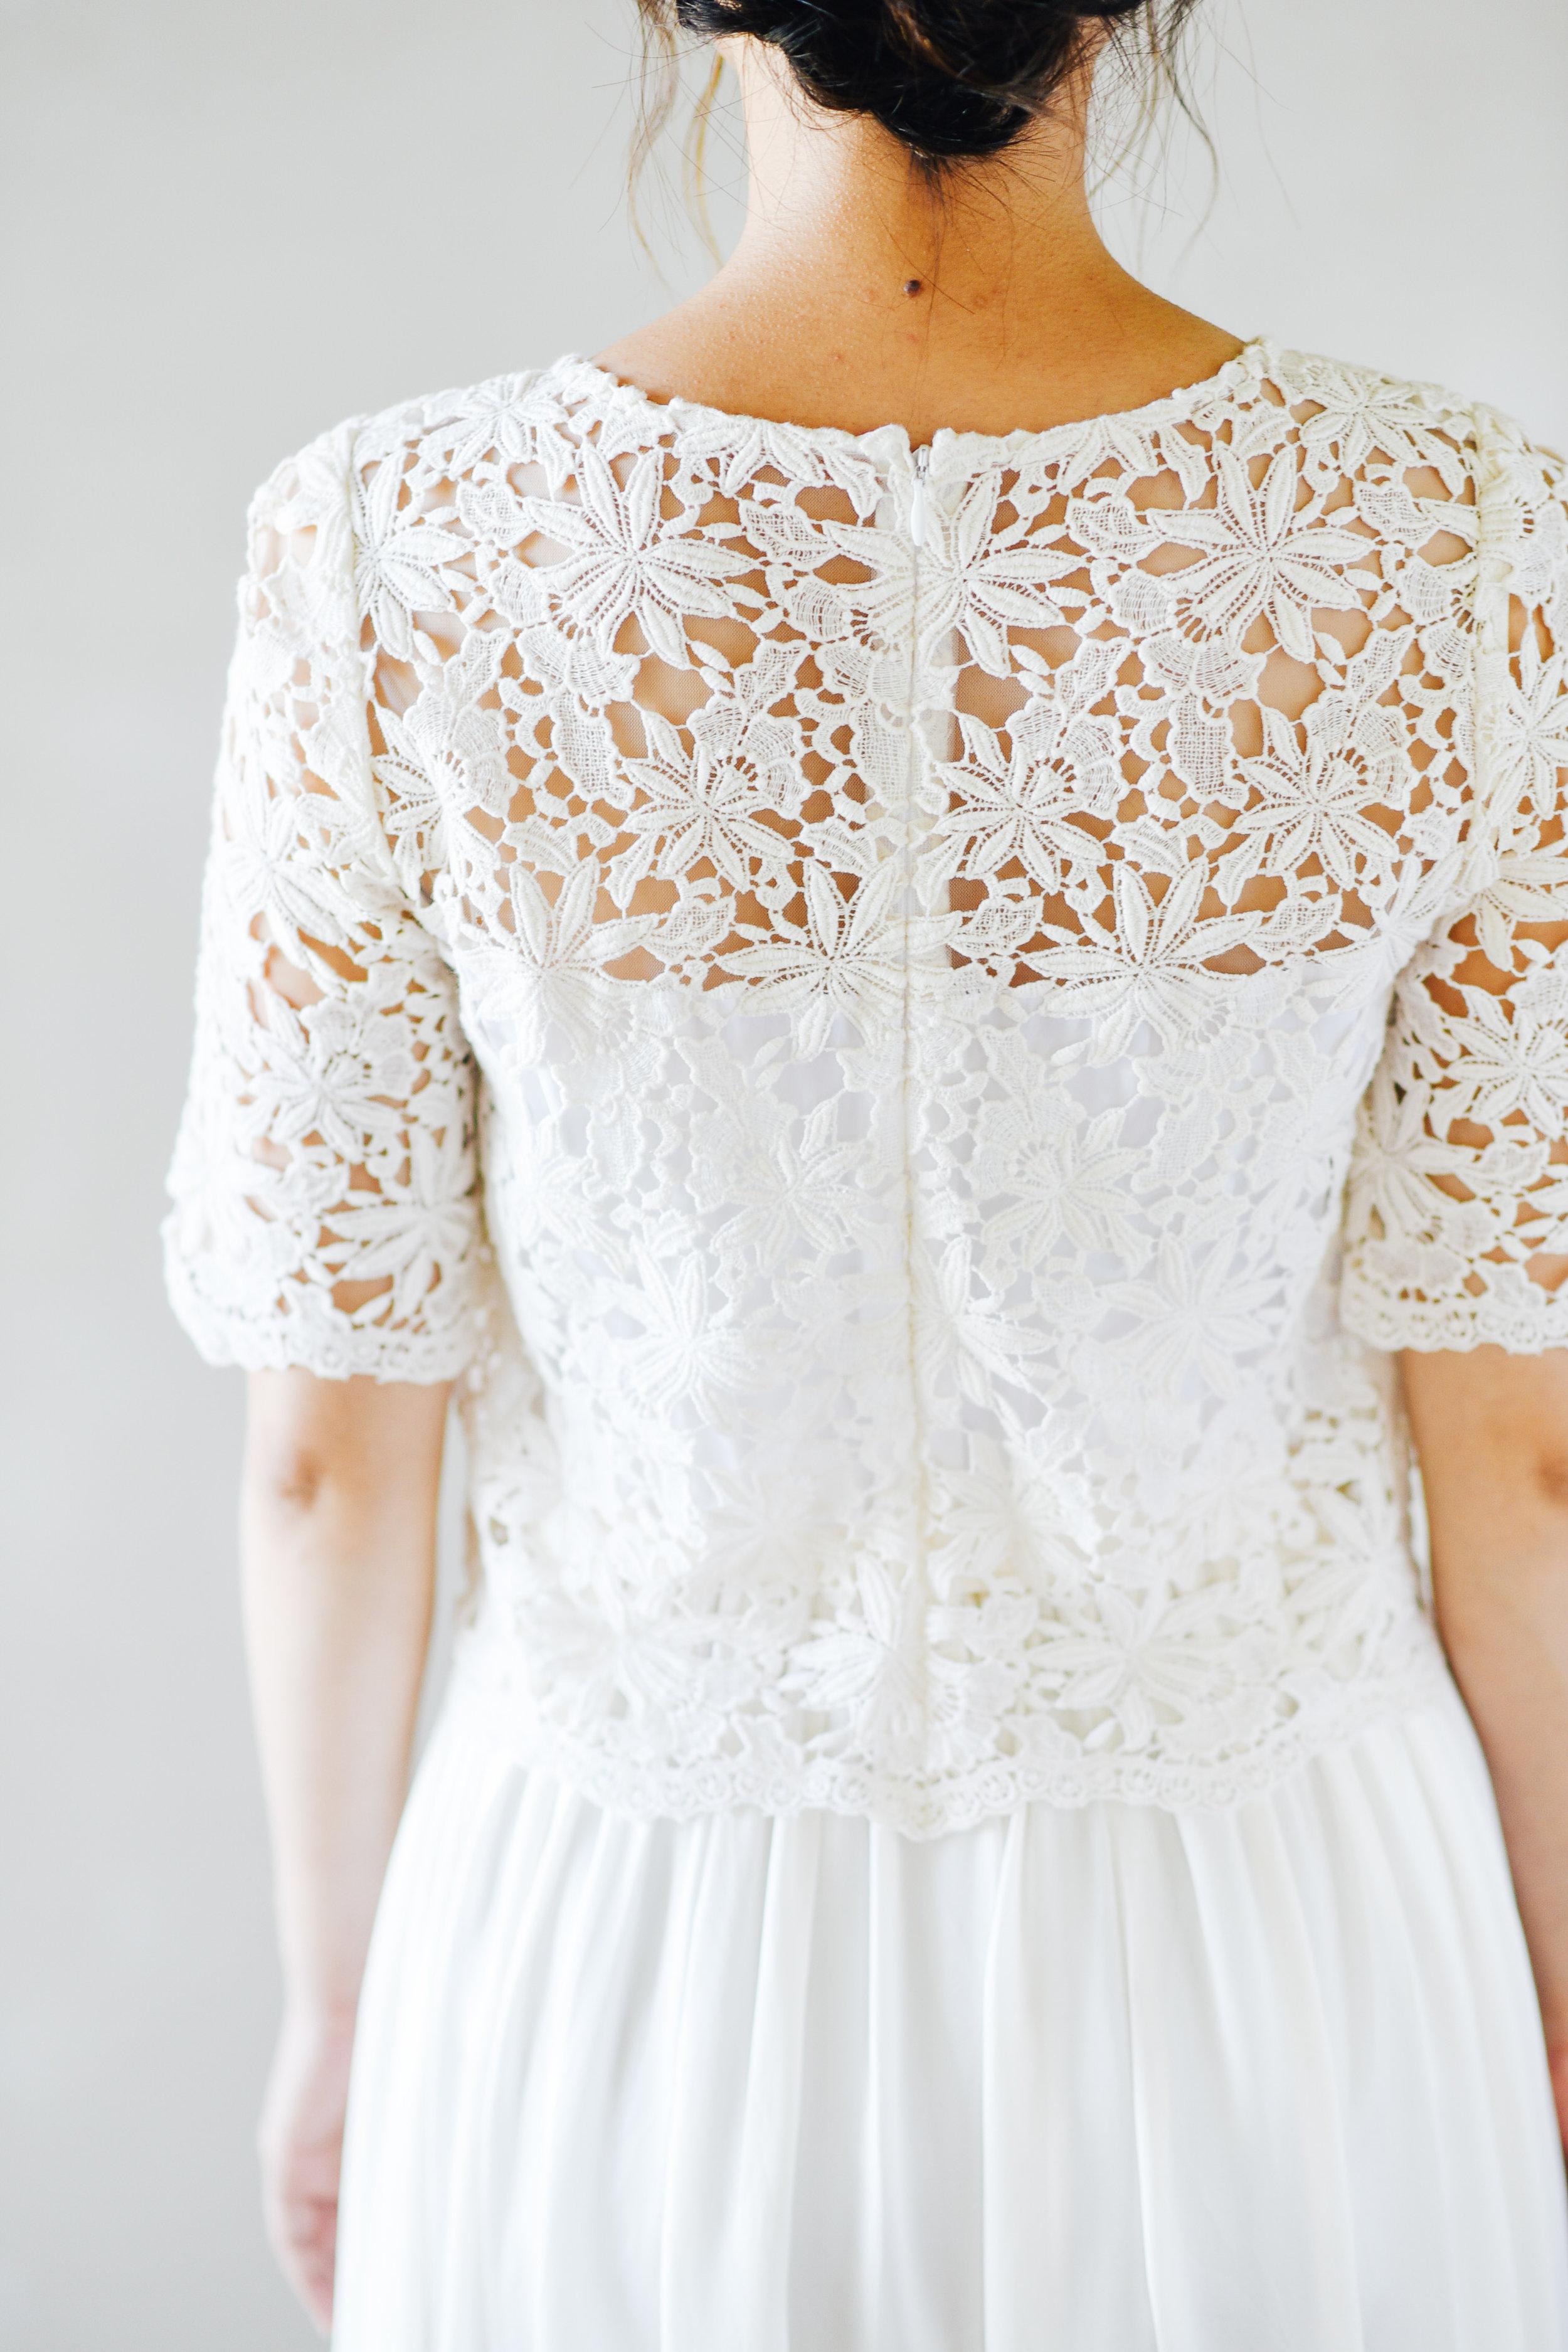 dress5_6.jpg